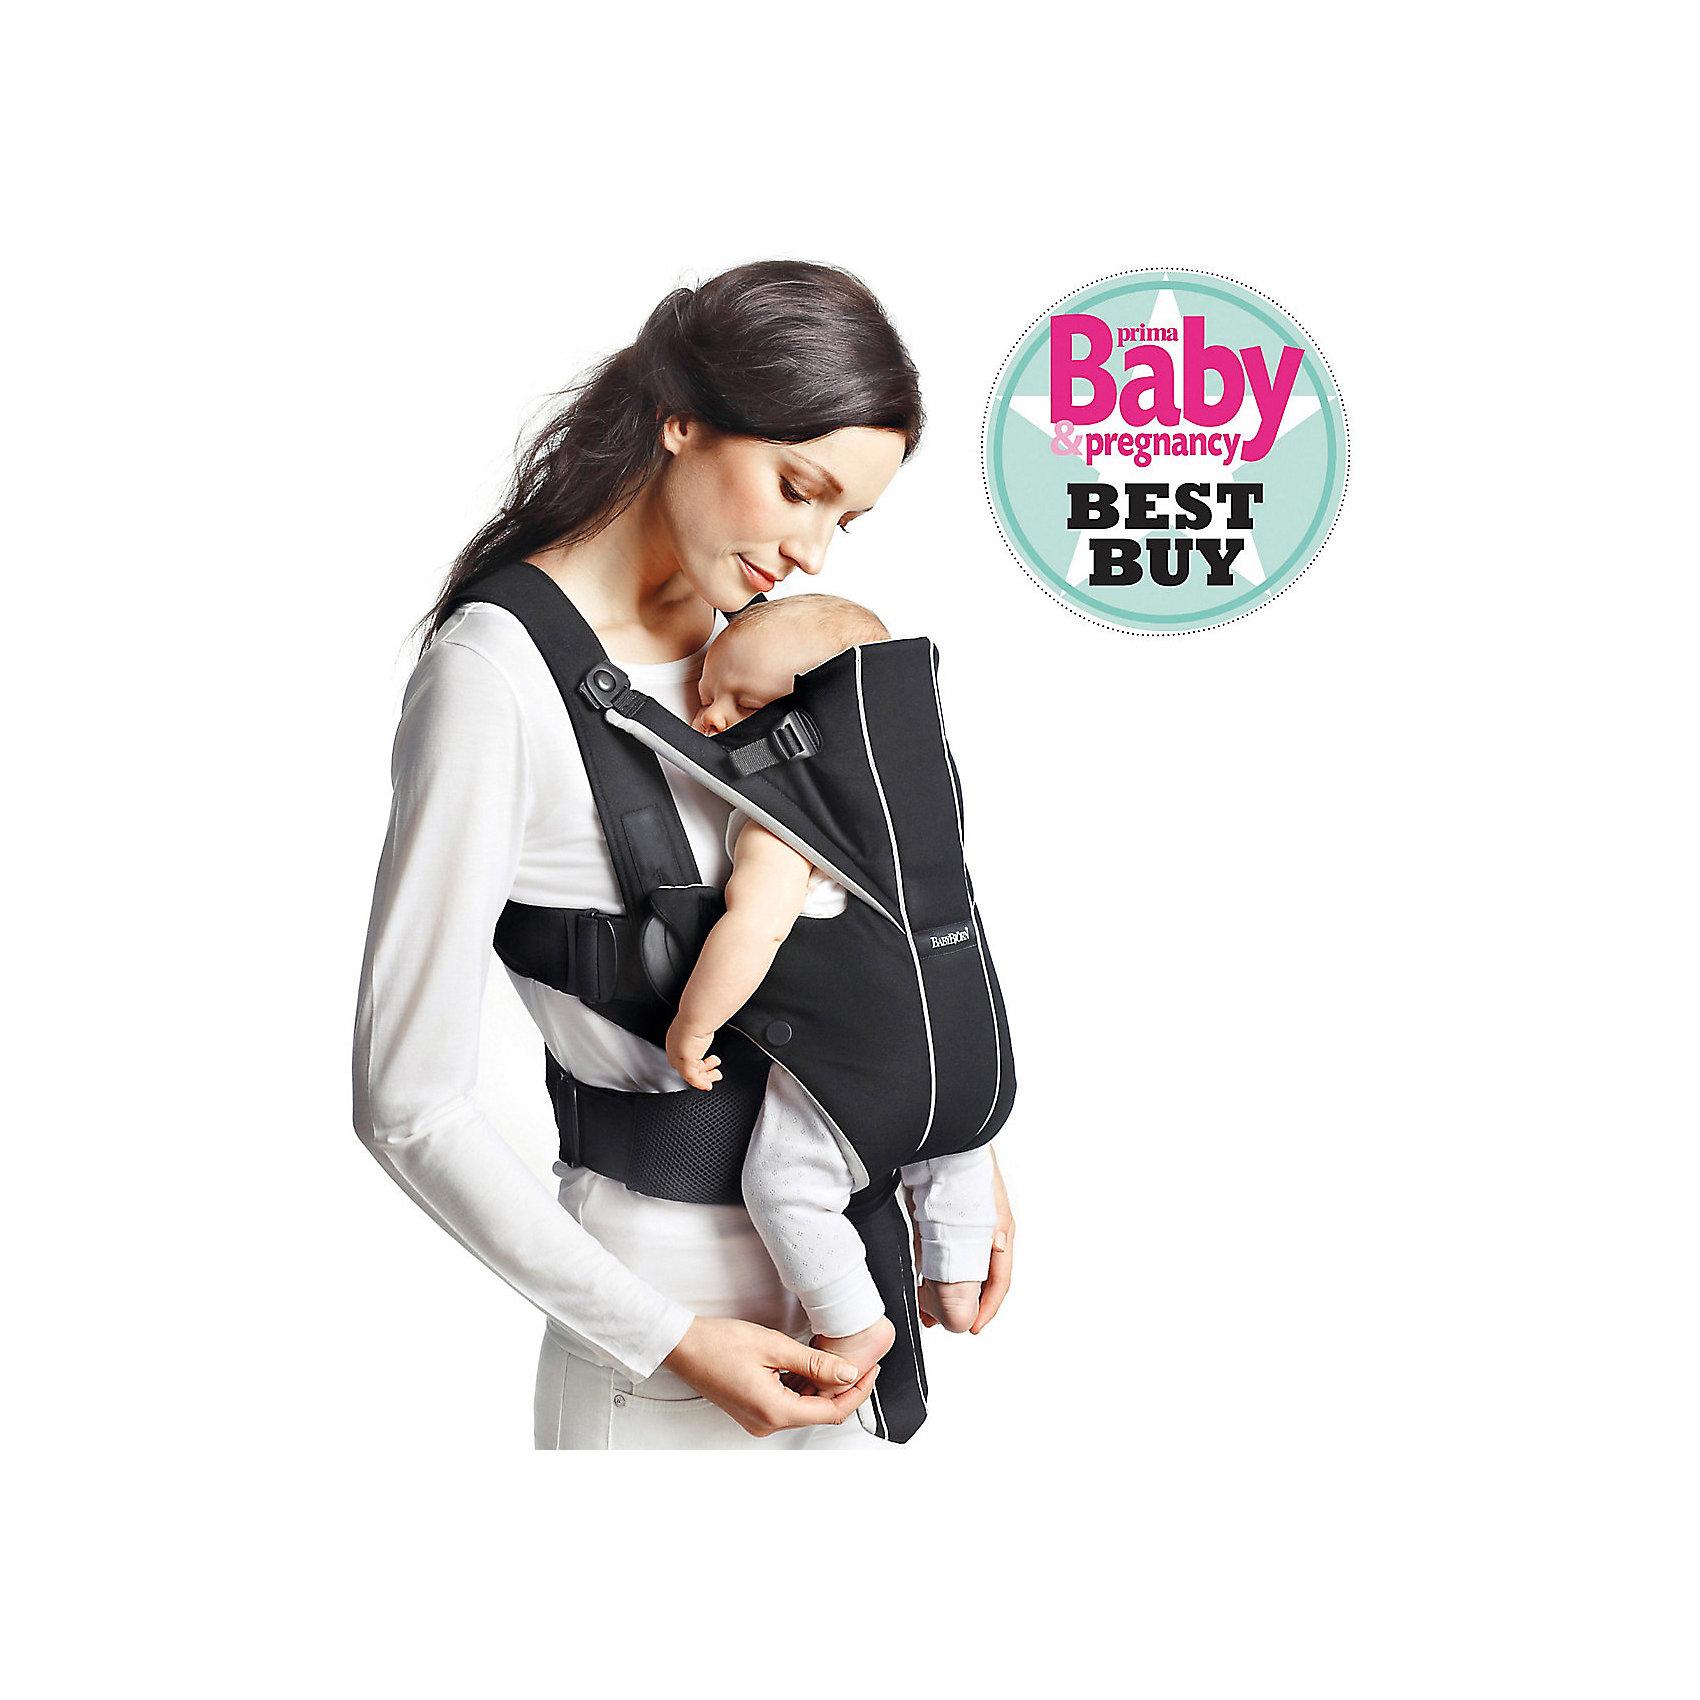 Рюкзак-переноска Miracle, Baby Bjorn, черный с серебряным от myToys